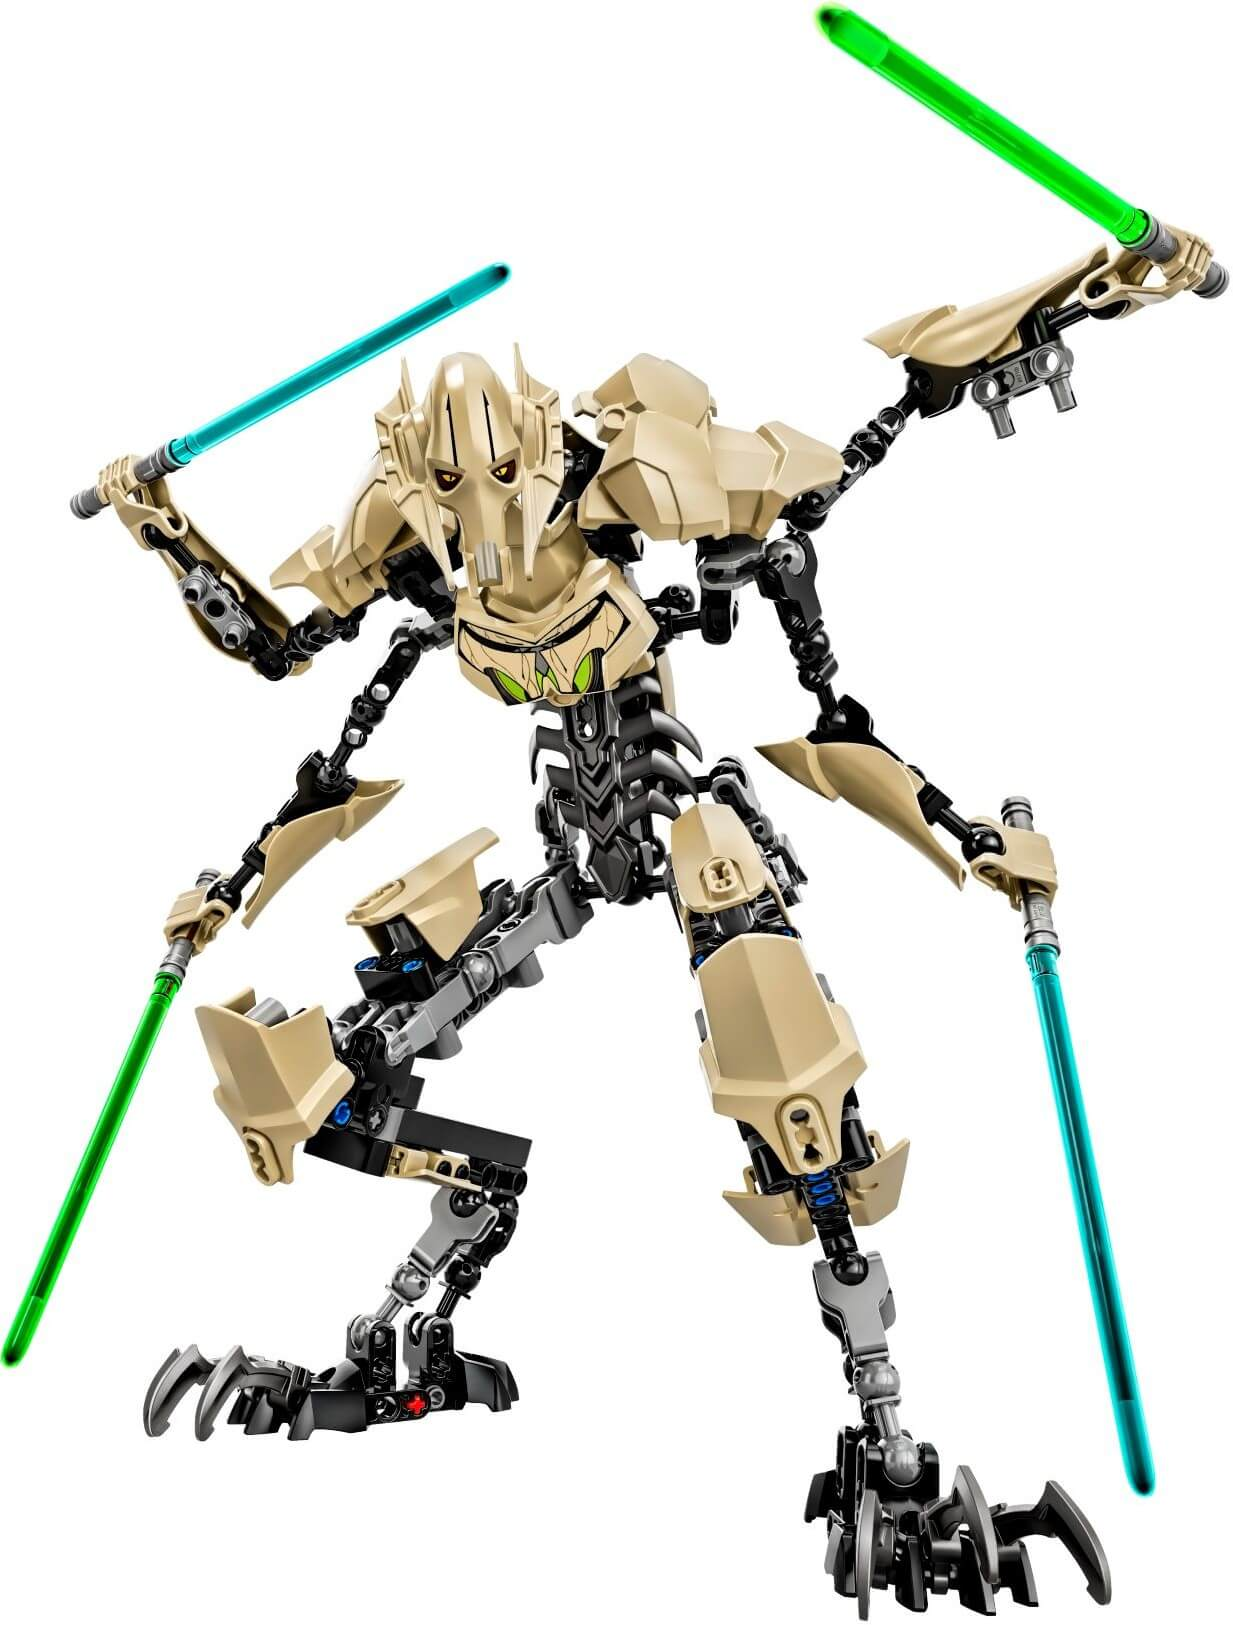 Mua đồ chơi LEGO 75112 - LEGO Star Wars 75112 - Mô hình Đại tướng quân Grievous (LEGO Star Wars General Grievous 75112)